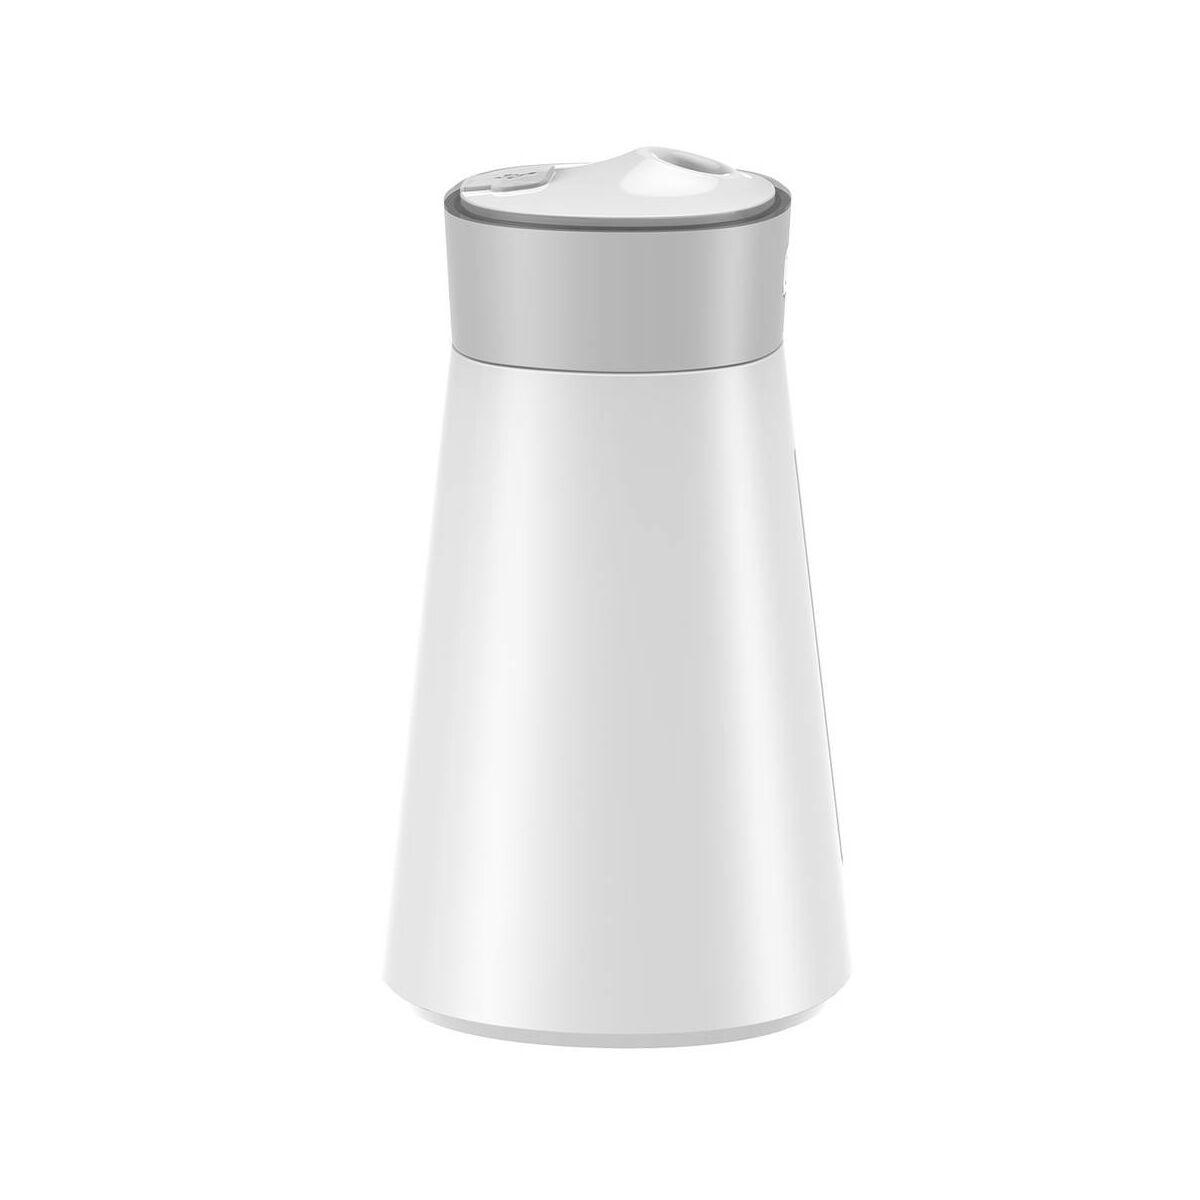 Baseus otthon, párásító Slim (kiegészítőkkel), fehér (DHMY-B02)